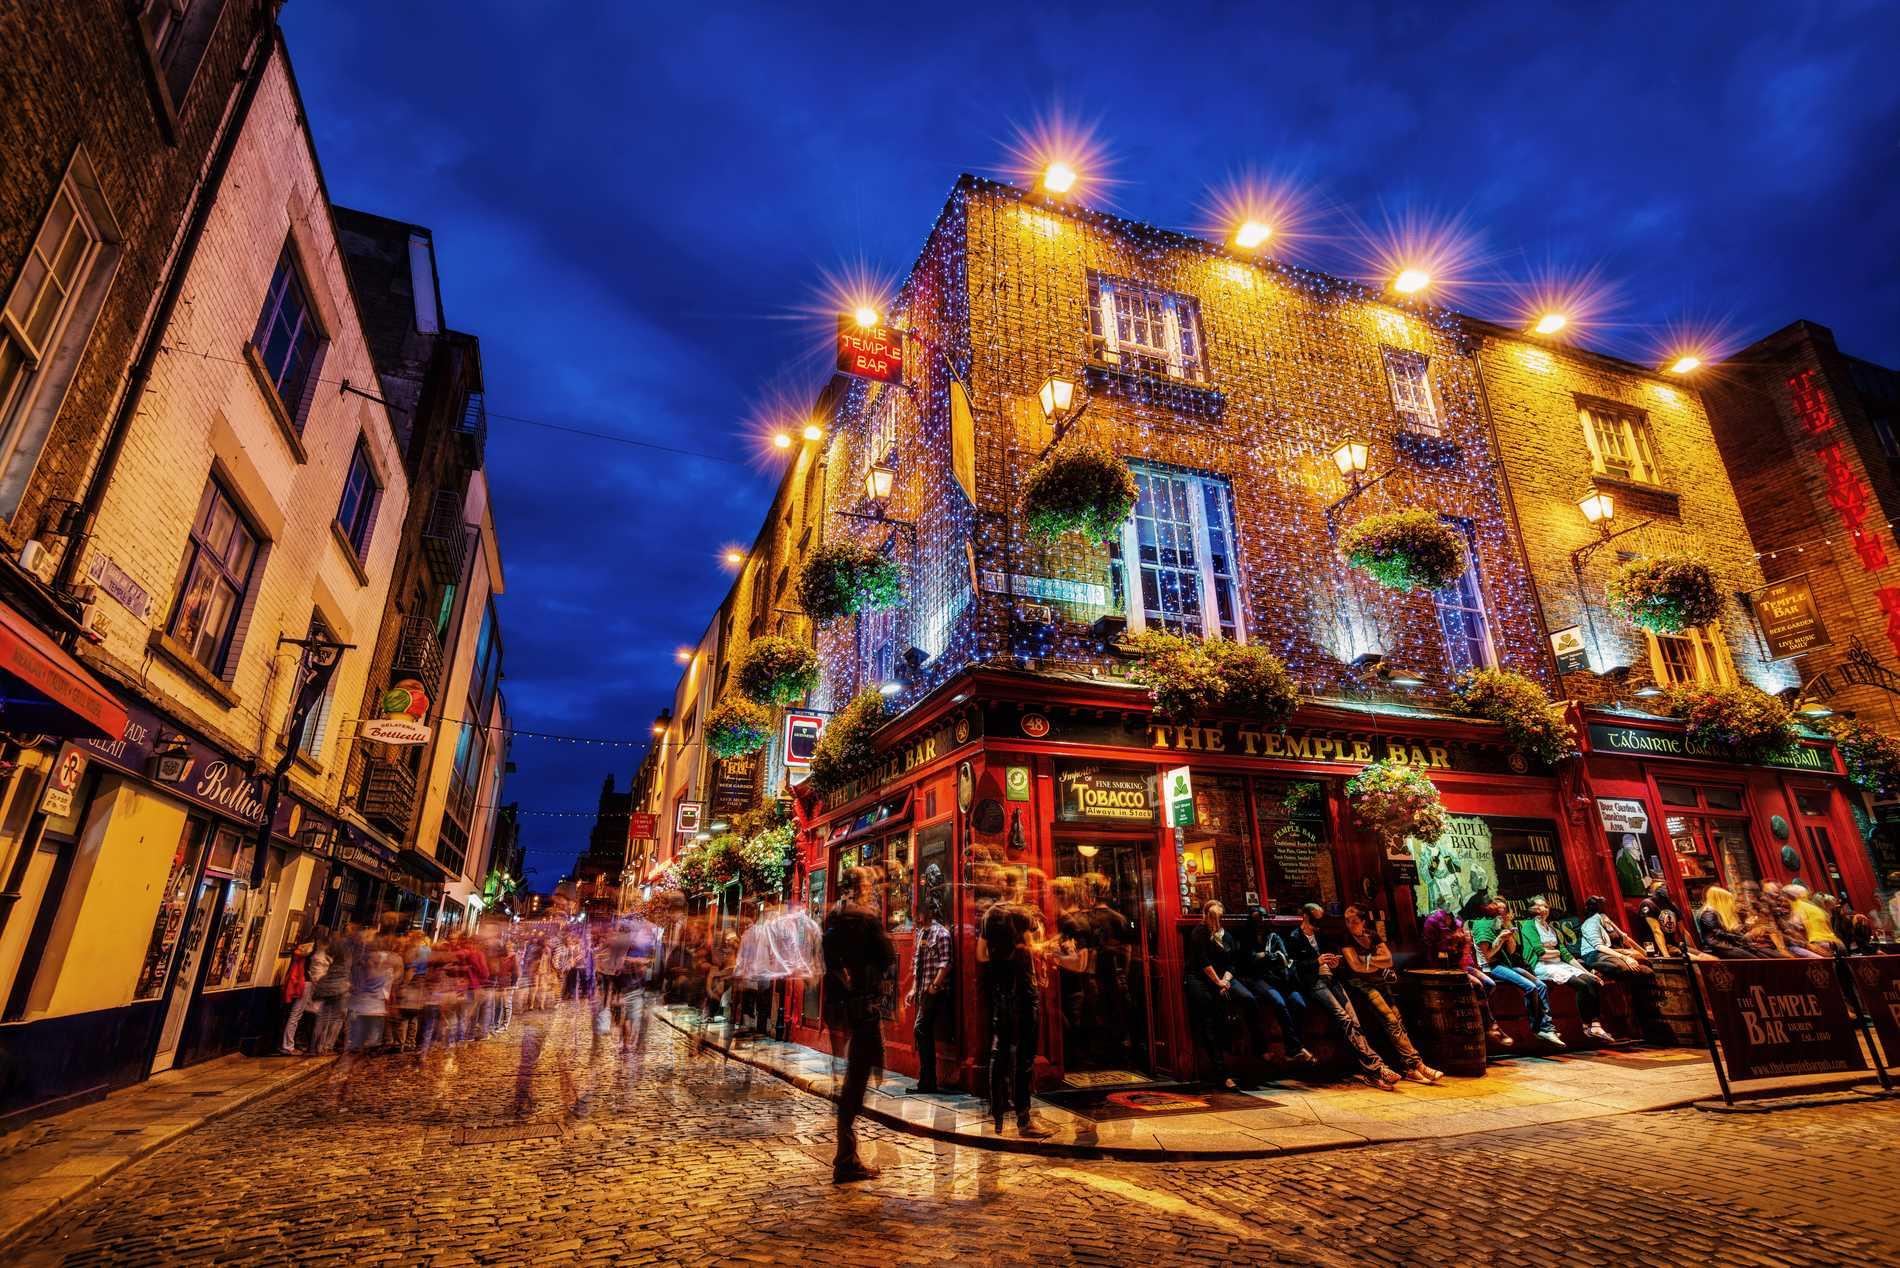 Dublin har ett känt nöjeskvarter vid namn Temple bar.